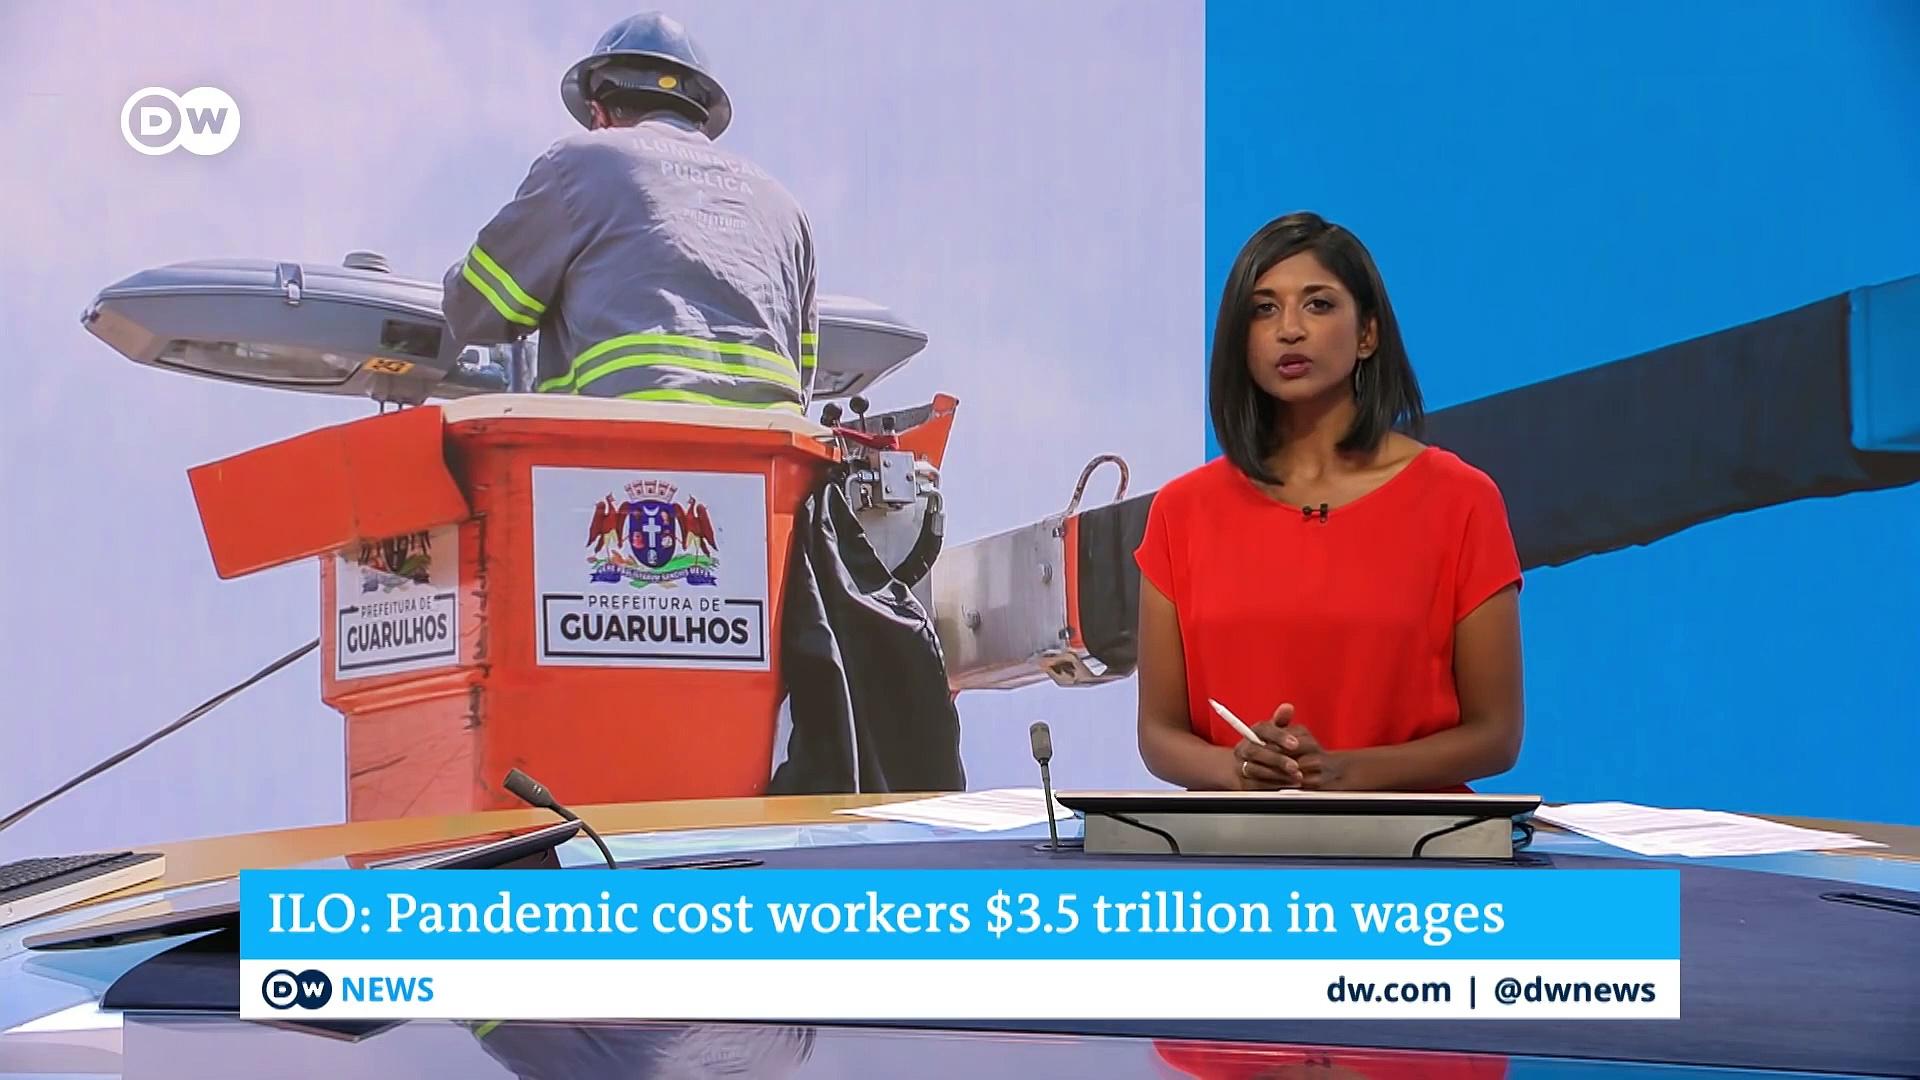 ILO- Coronavirus lockdowns killed 495 million jobs – DW News